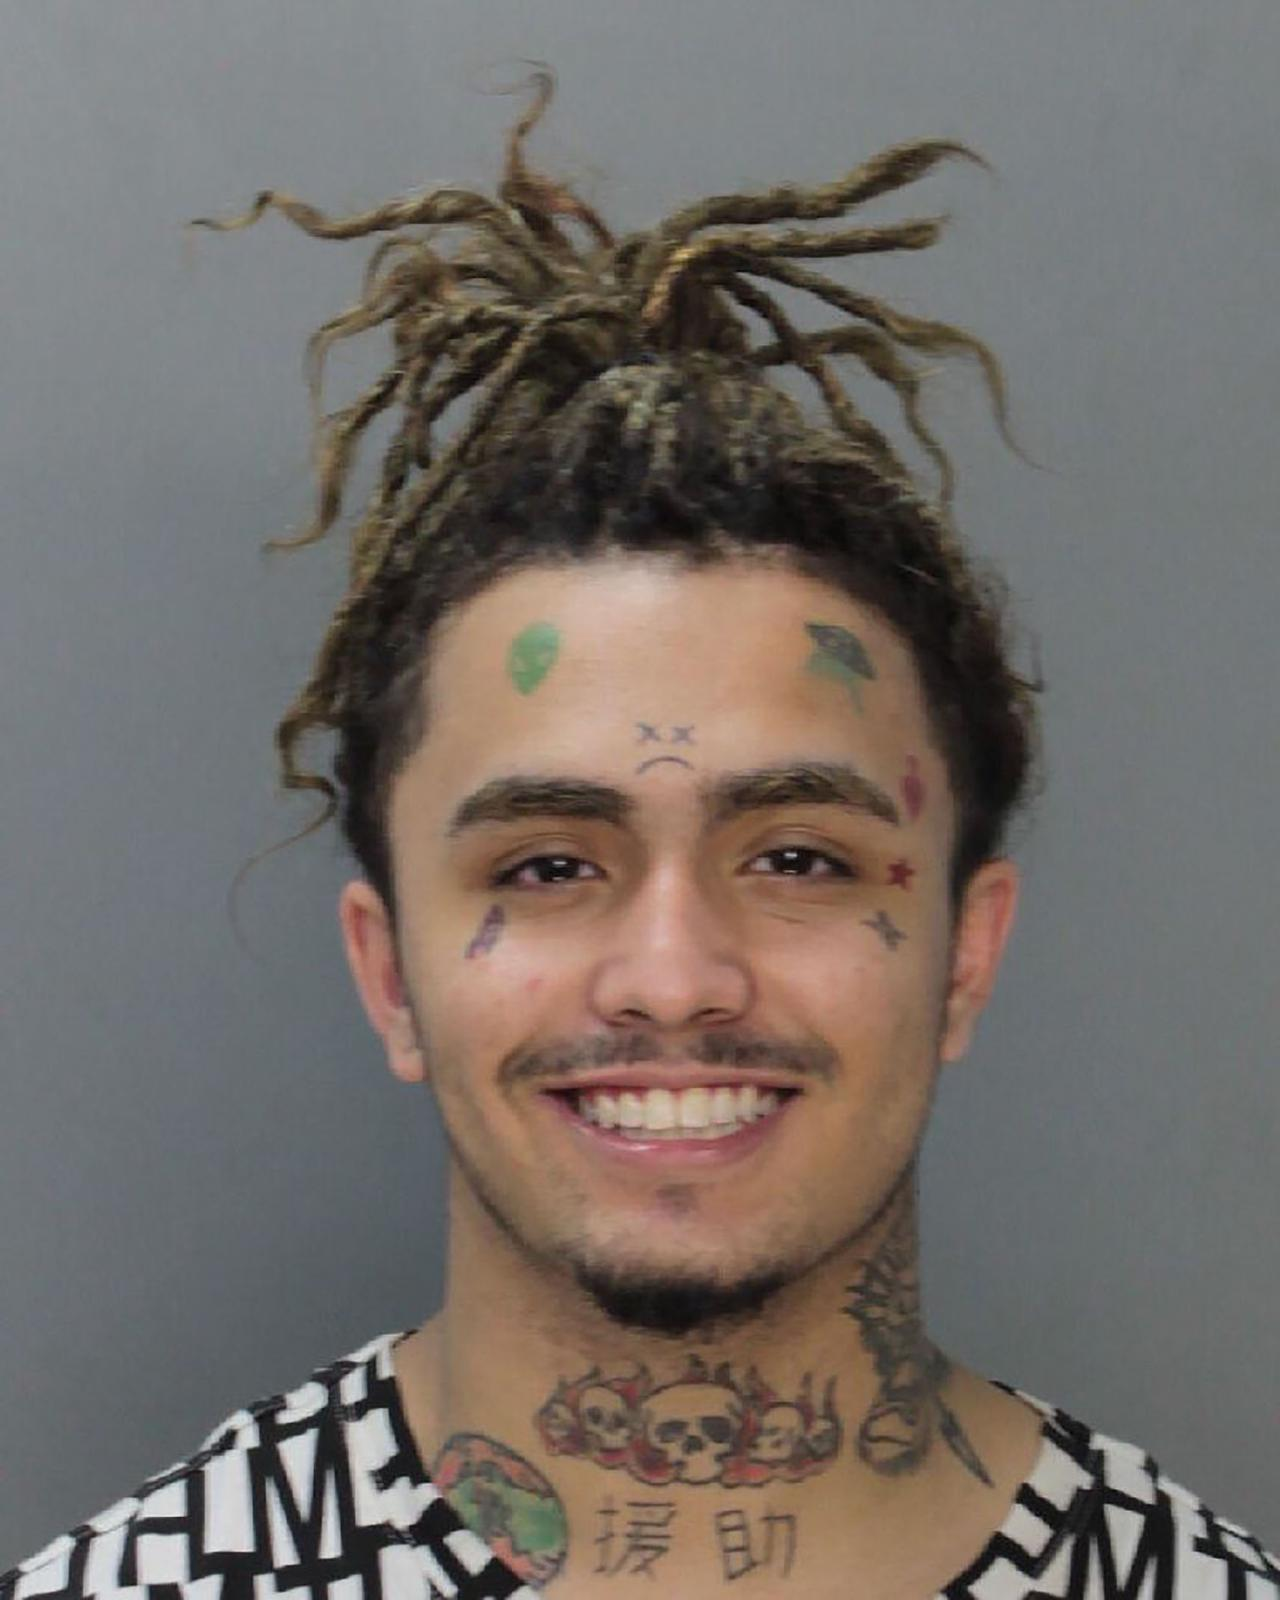 画像: 18歳だった2018年8月、マイアミで無免許で高級車ロールスロイスを乗り回し逮捕された際のリル・パンプのマグショット。リルはこの3ヵ月後の12月には空港スタッフとトラブルになり再び逮捕された。